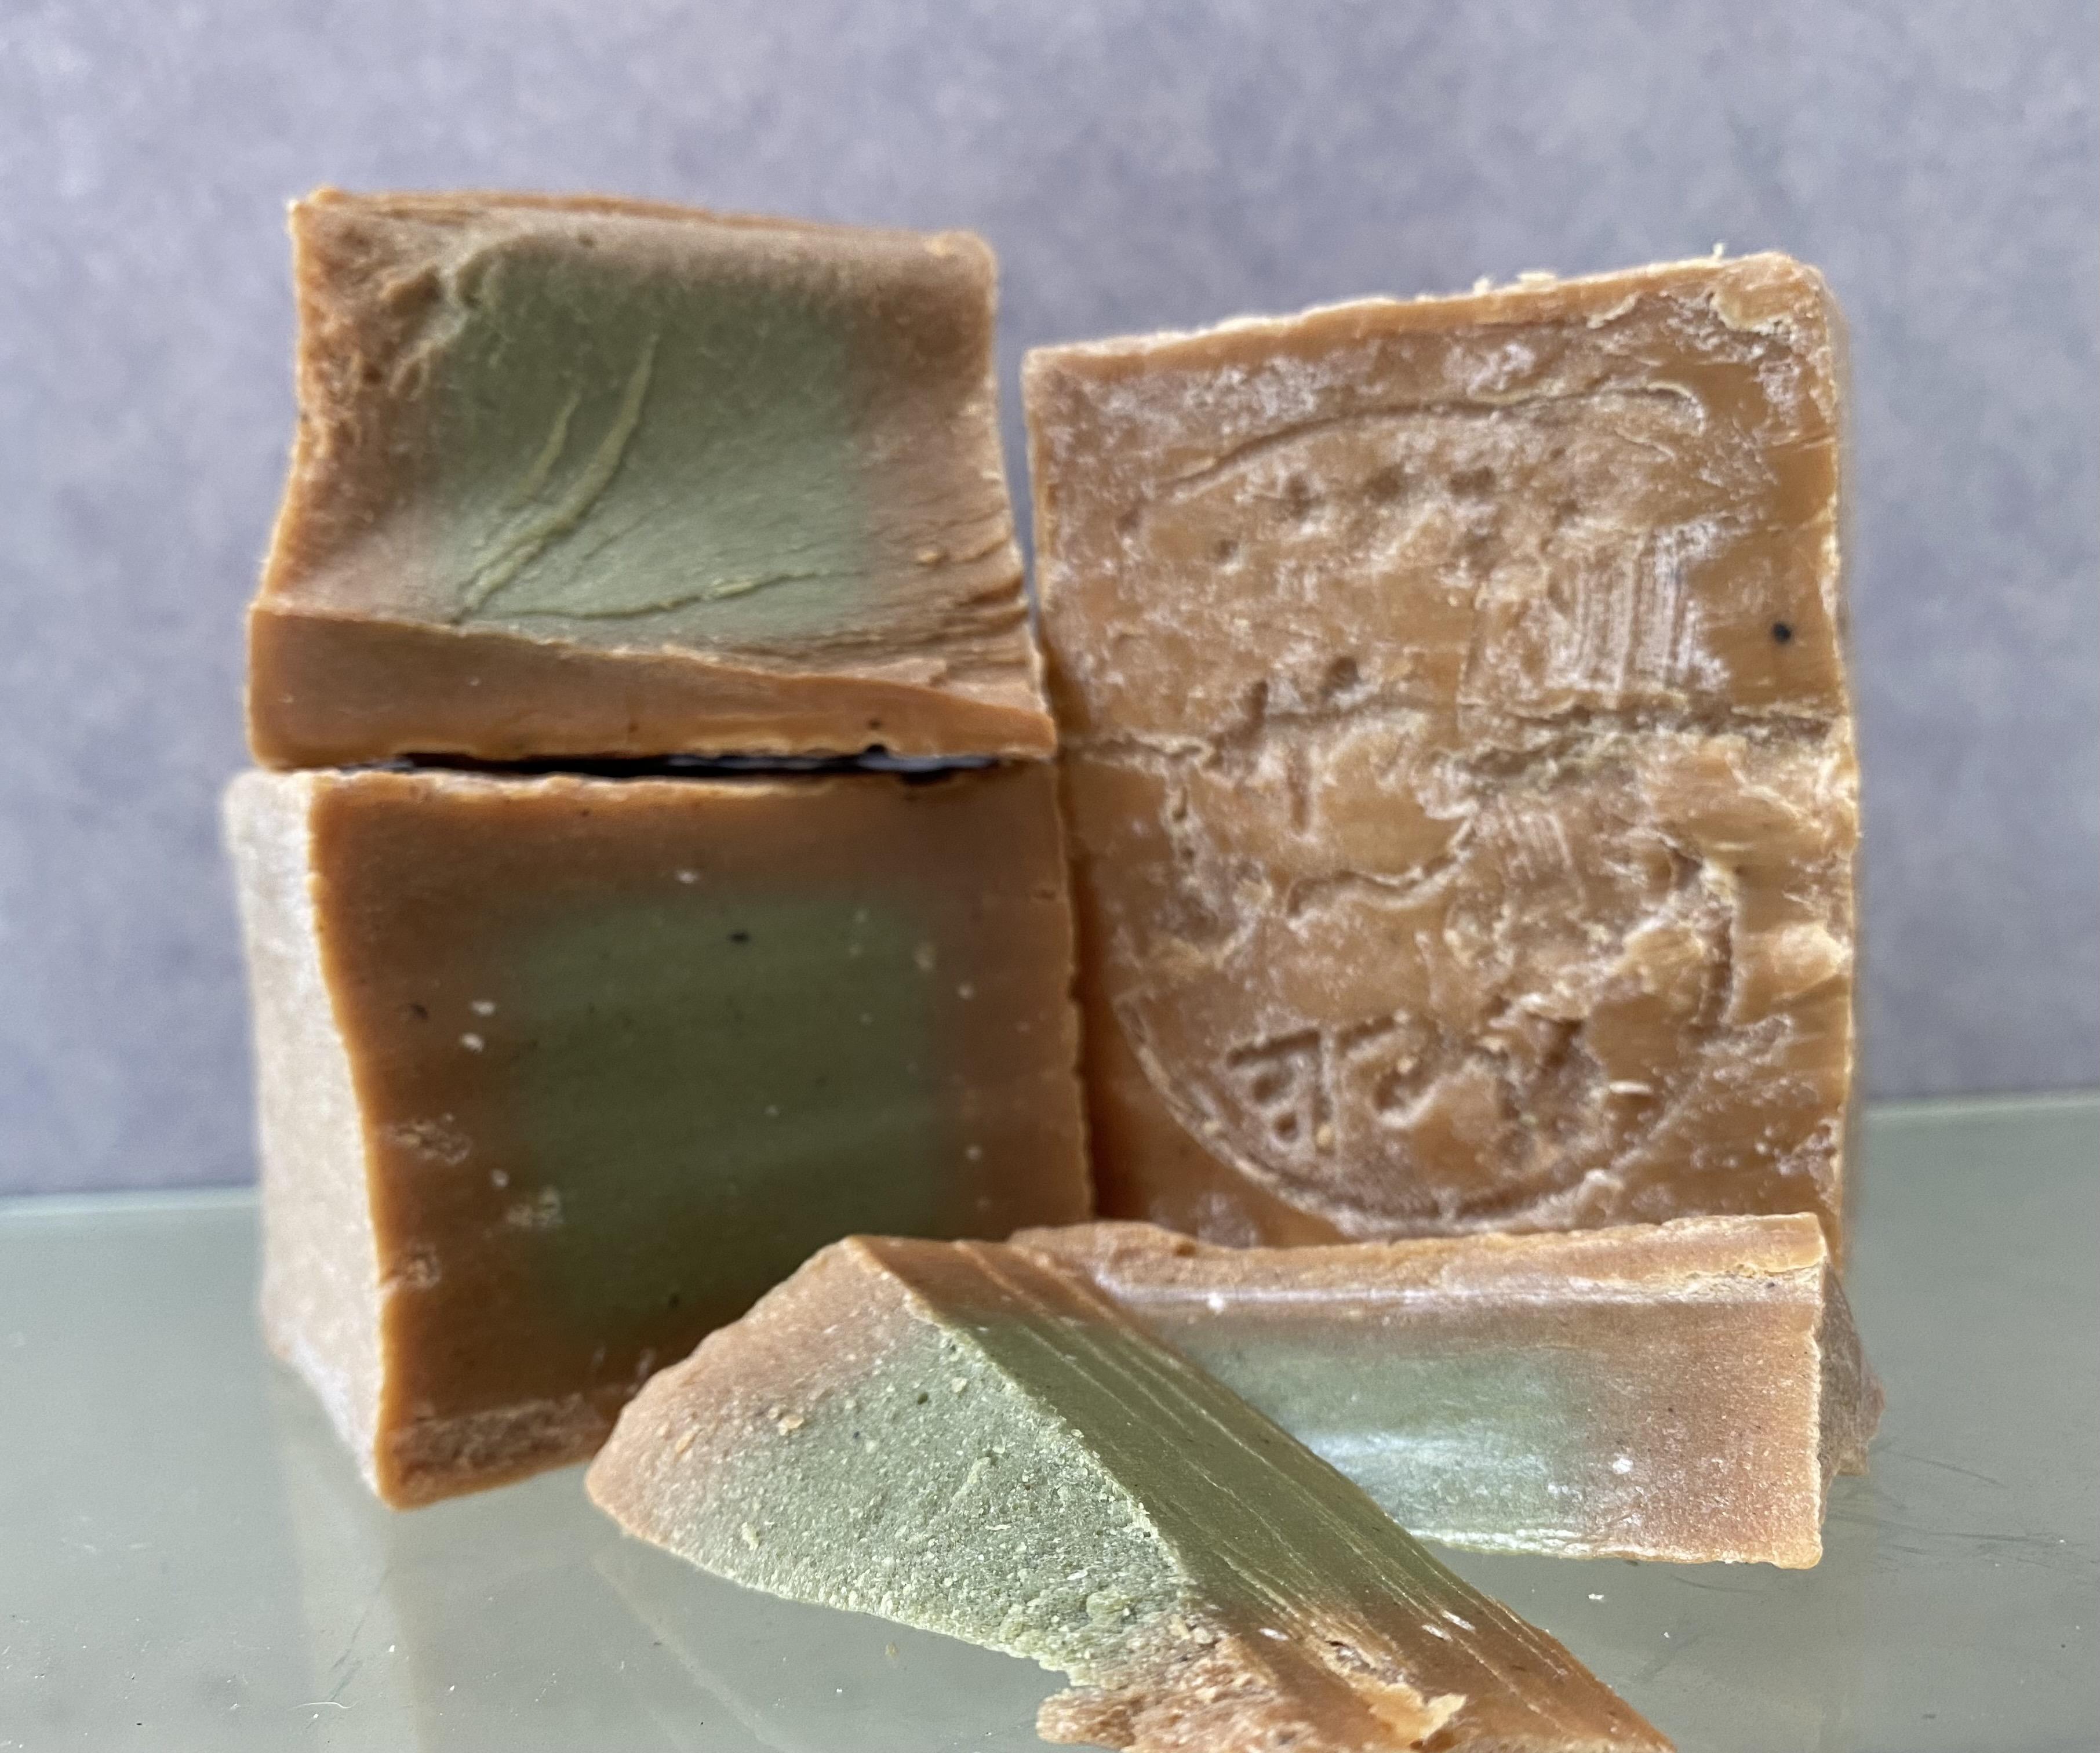 【11/20(土)-23(火祝)】POP UP「オリーブオイルの天然石鹸」量り売り@ジーフラットインテリアショップ